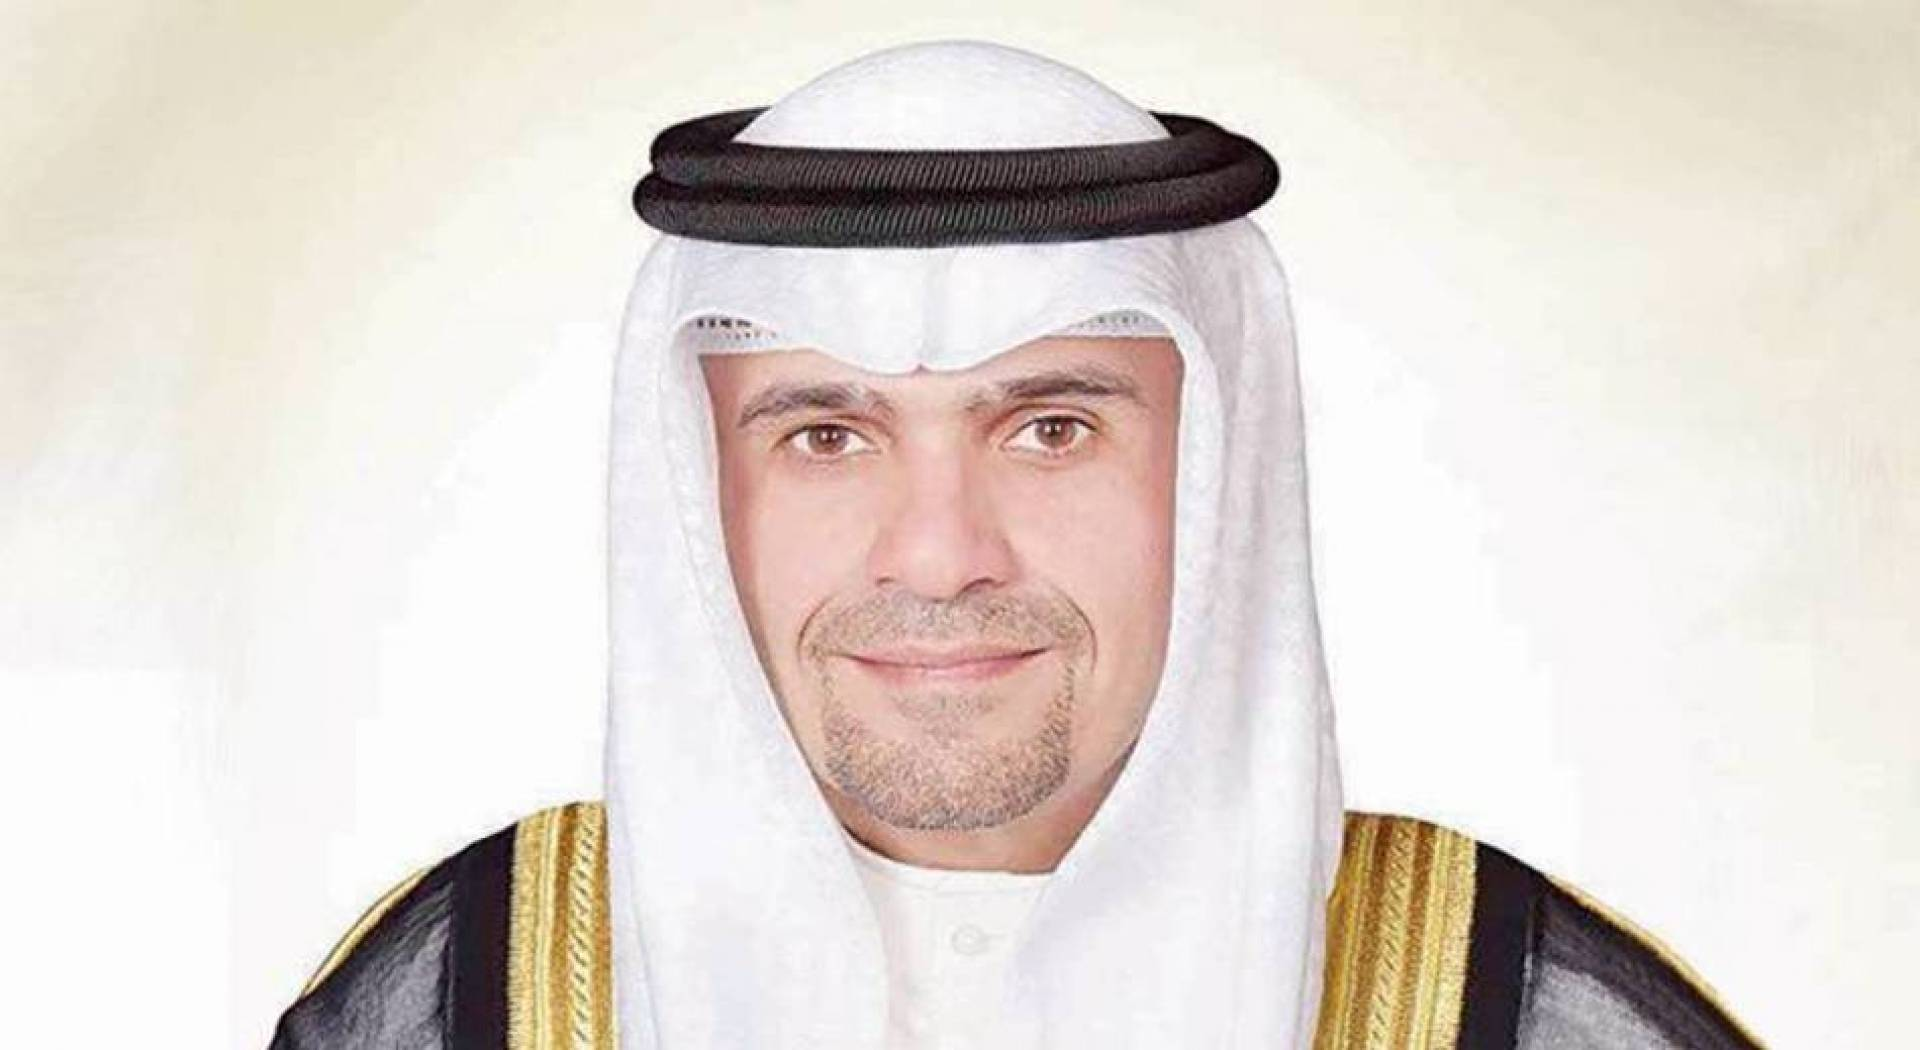 وزير الداخلية: مكافحة الفساد واجتثاثه.. لا رجعة ولا تأني فيه